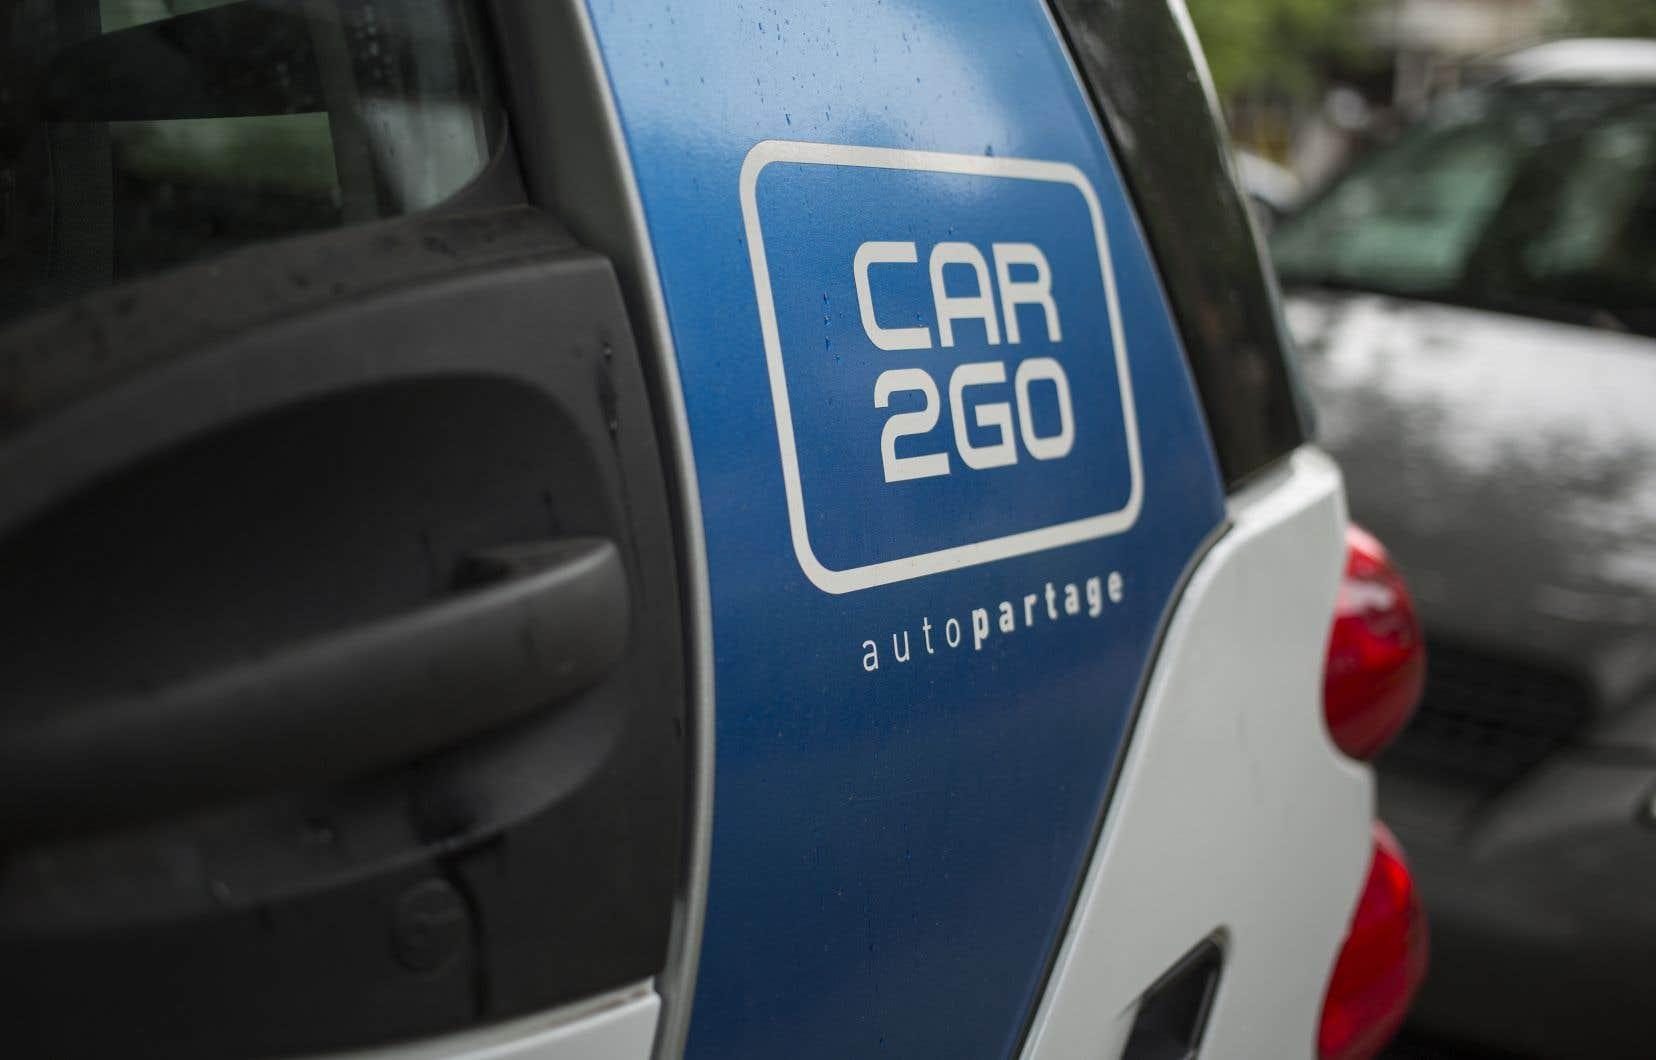 Car2Goa indiqué que sa décision s'appuyait sur deux éléments, soit le manque de stabilité dans le domaine de la mobilité et la complexité des infrastructures requises en matière de transport en Amérique du Nord.